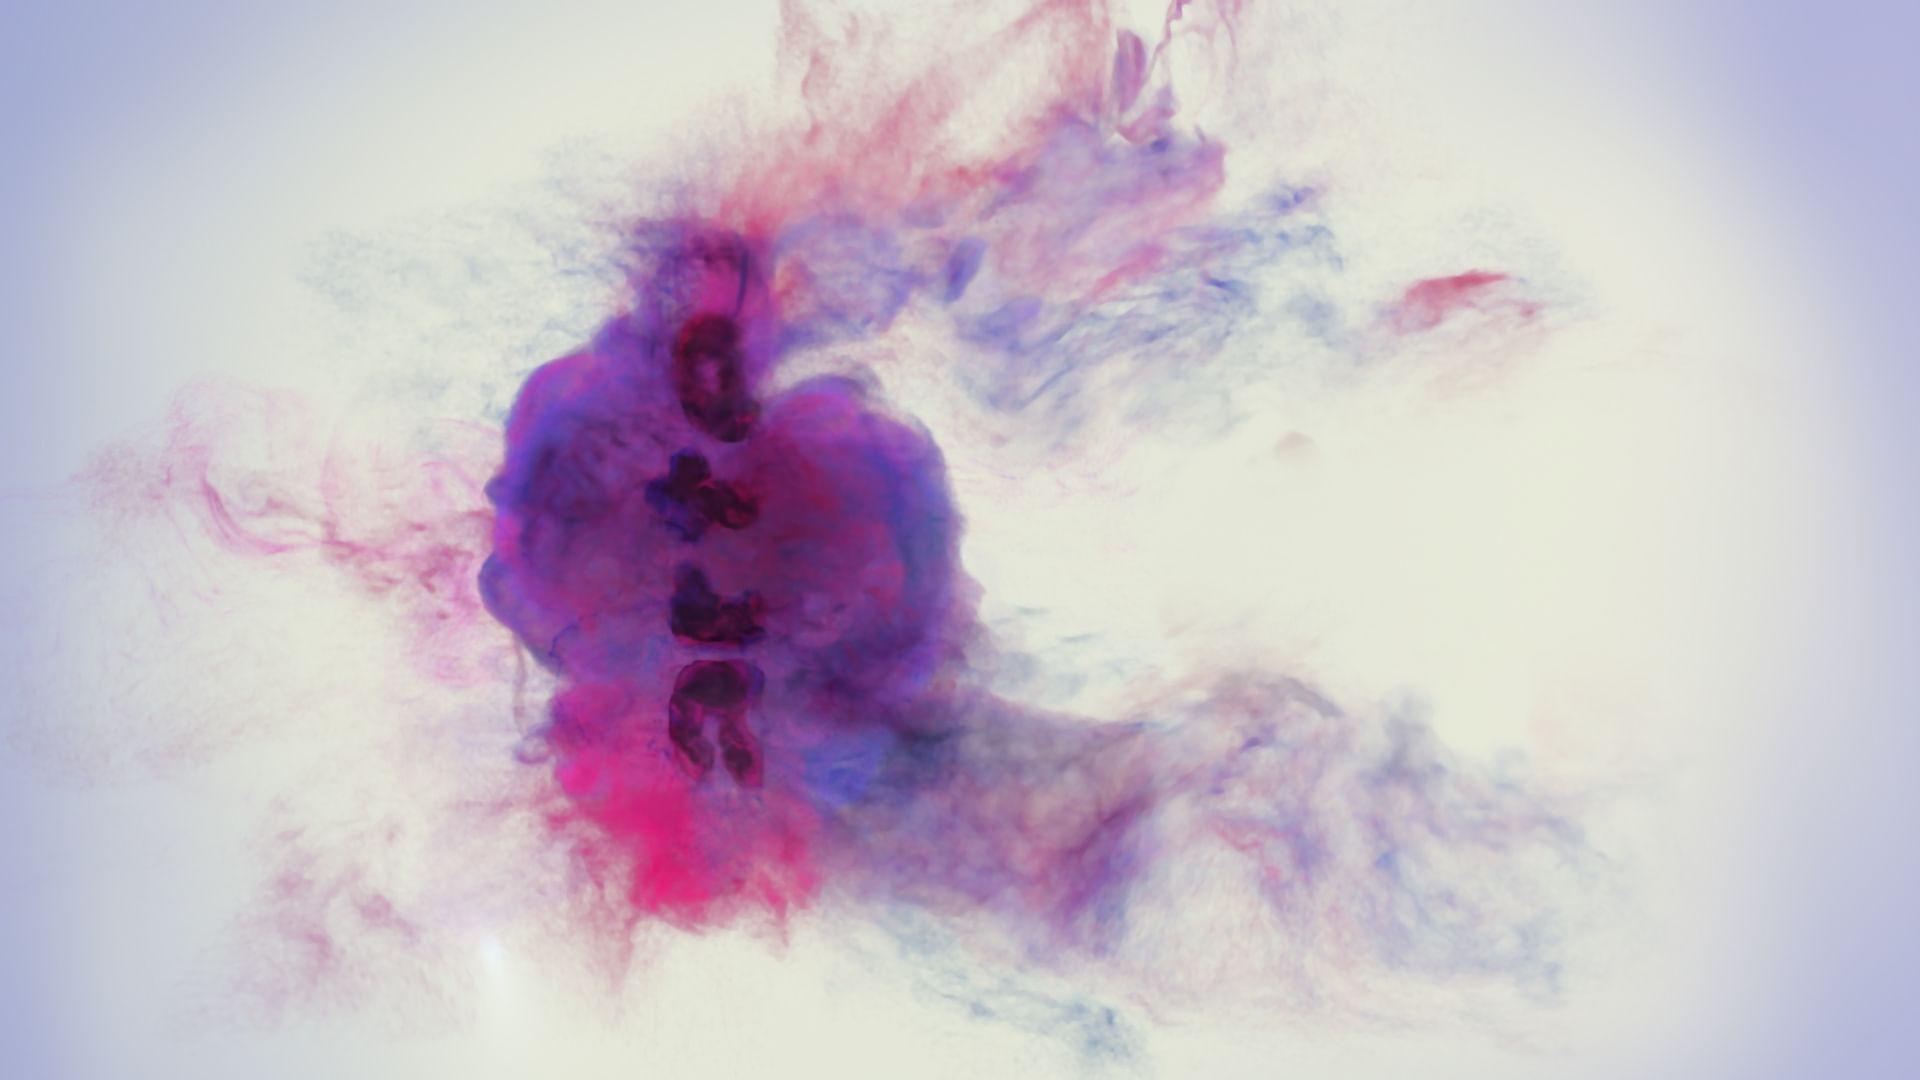 Zu tisch in entdeckung der welt arte for Arte tv cuisine des terroirs